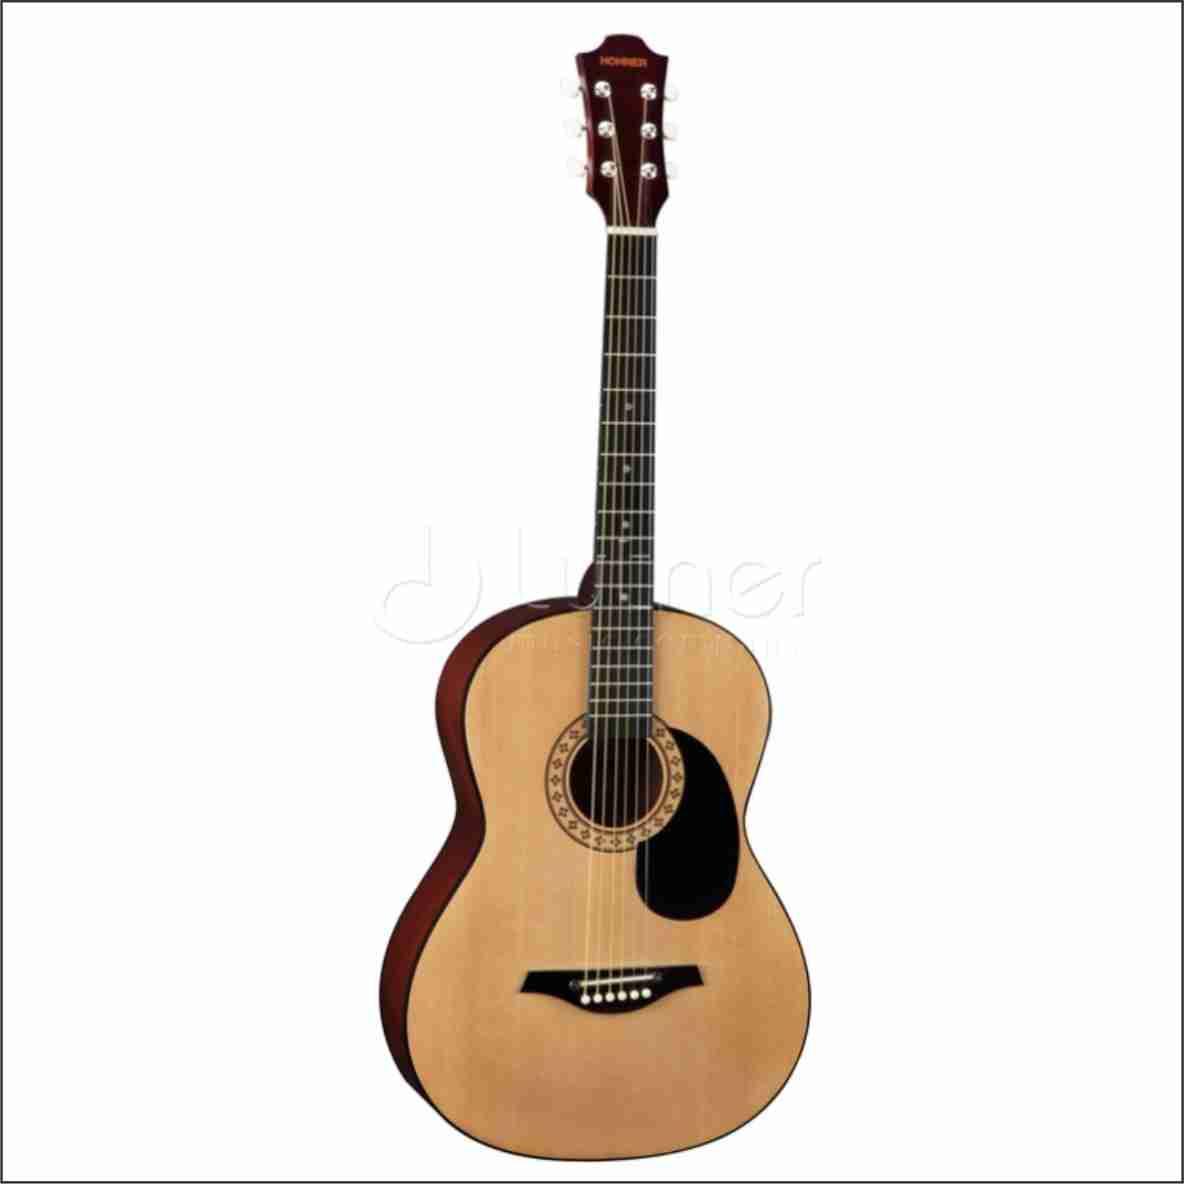 HW200 Акустическая гитара Hohner 1